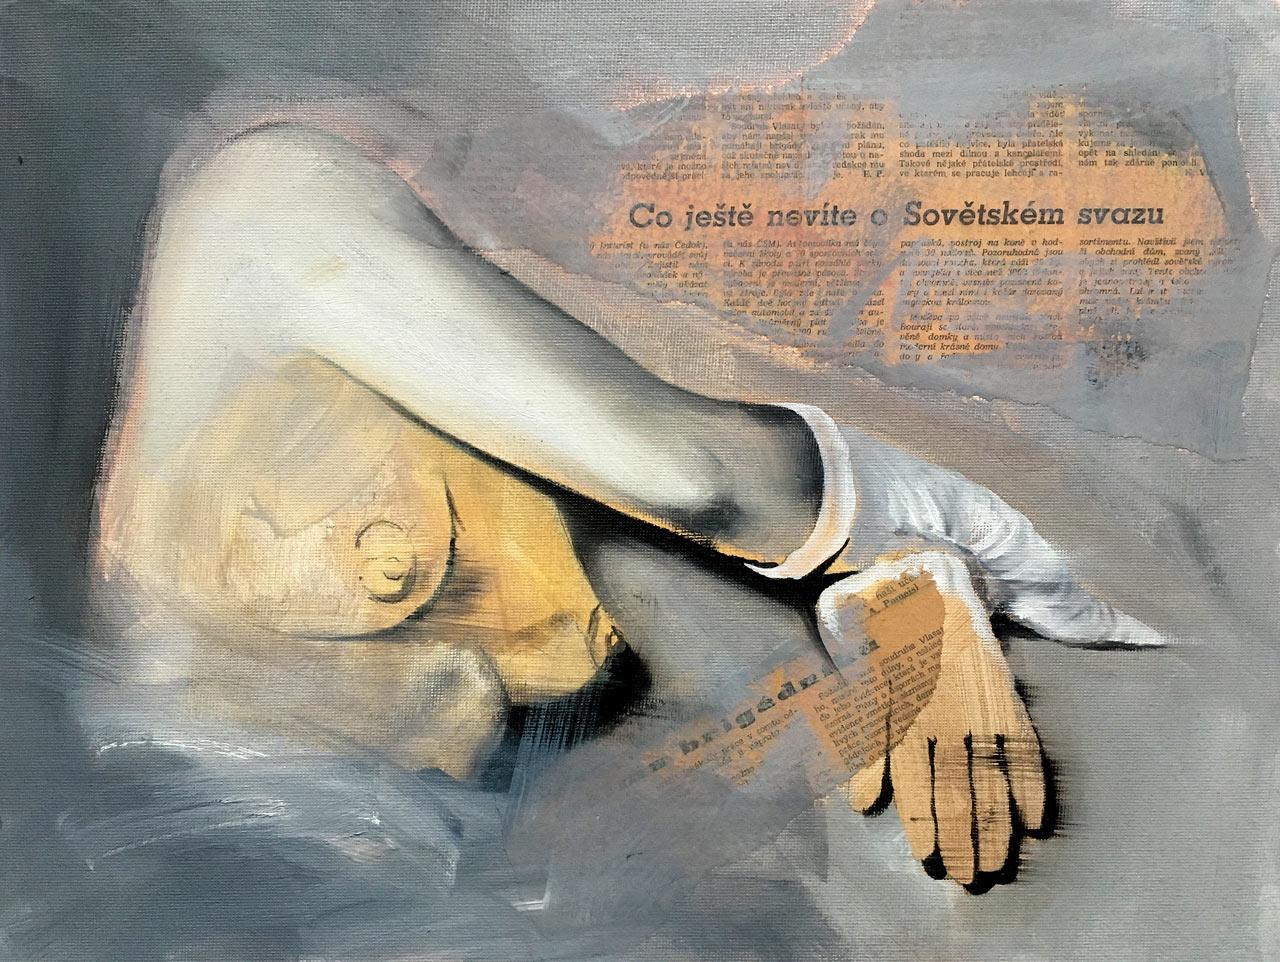 Co ještě nevíte - olej na desce, 30 x 40 cm, 2018 - v nabídce Knupp Gallery